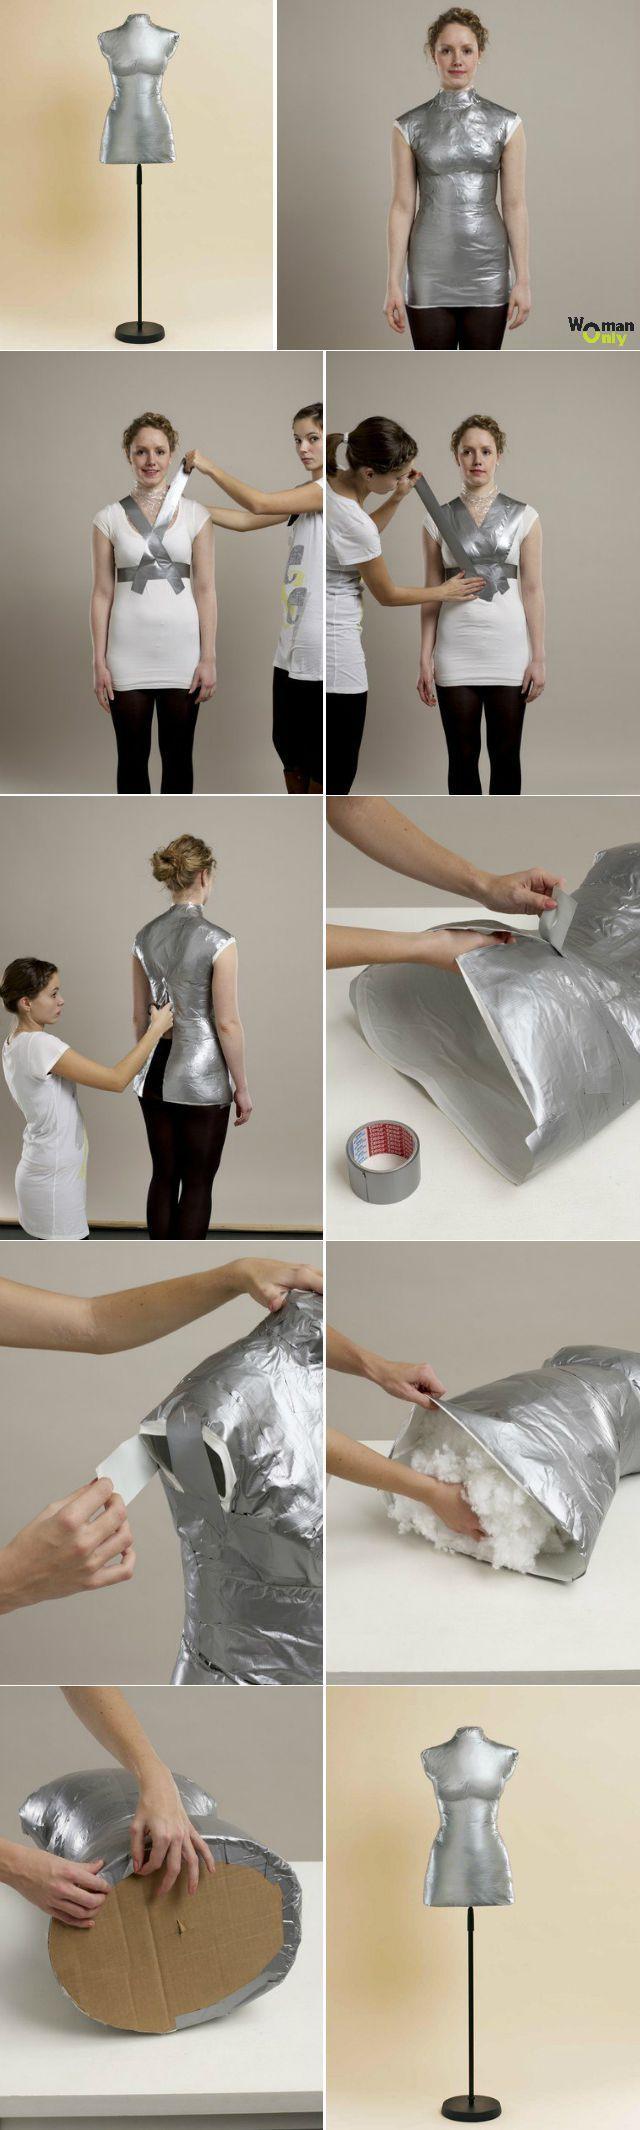 Как сделать портновский манекен своими руками: мастер-класс